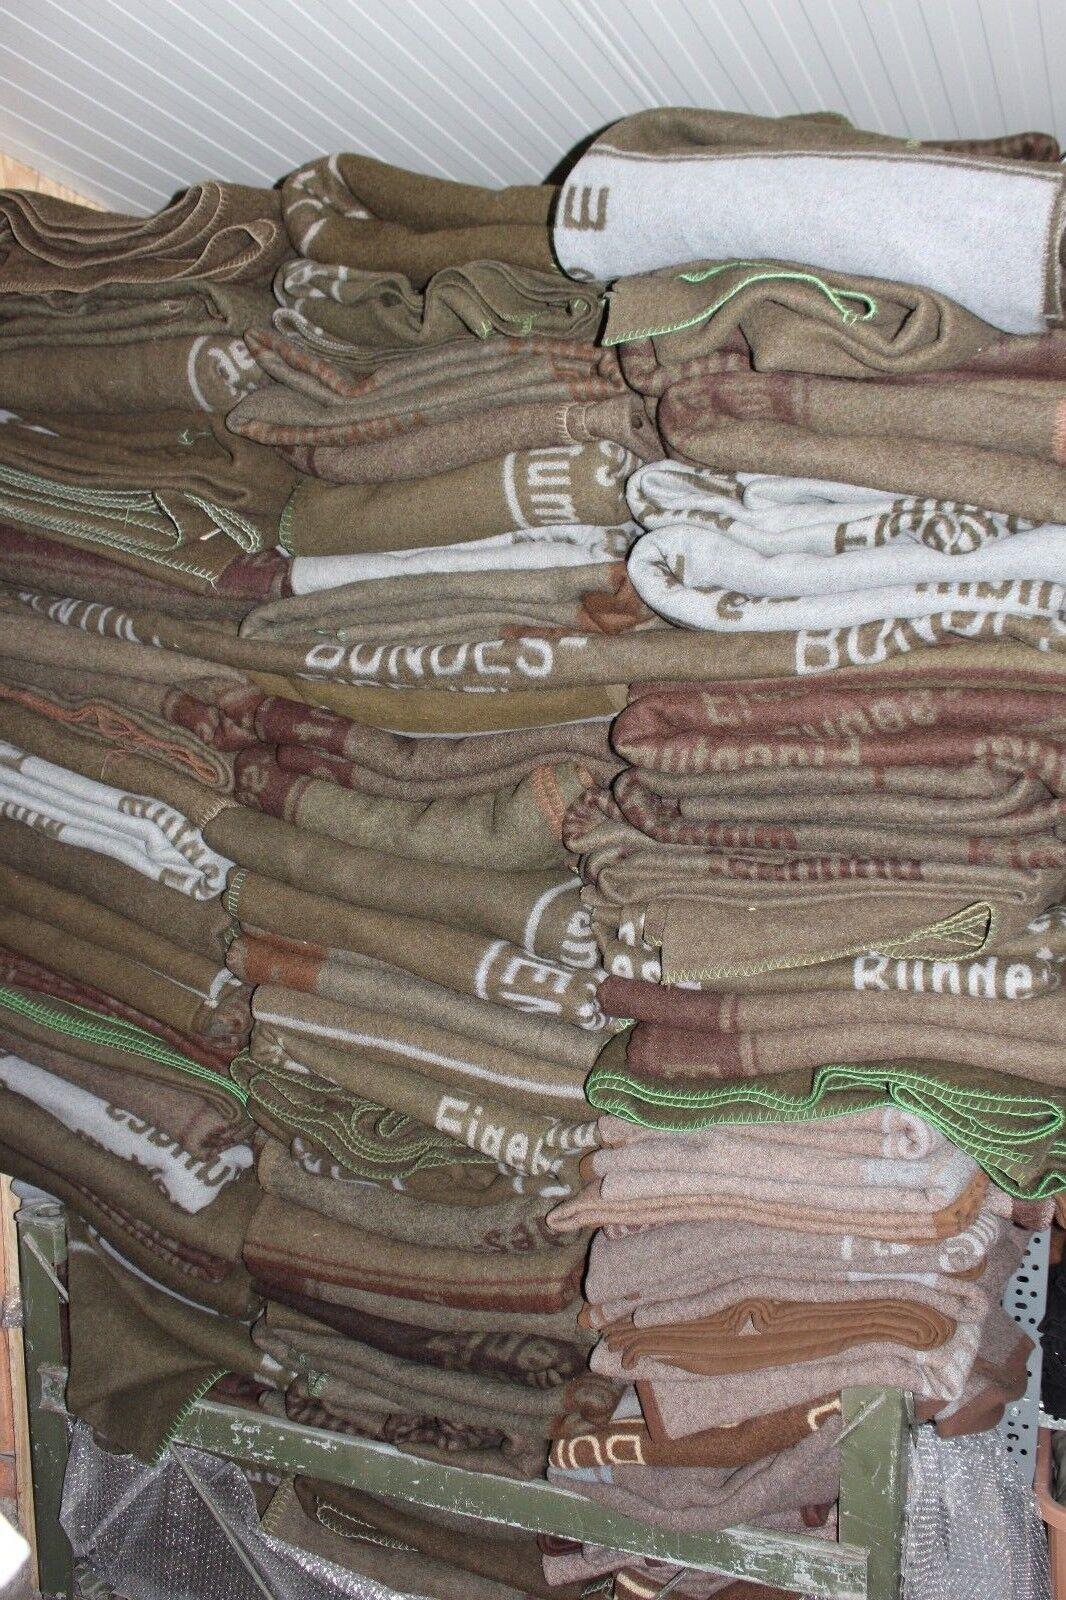 Outdoordecke  200 x 150 cm Pferdedecke  Umzugsdecken NEU Armee  Biwakdecke